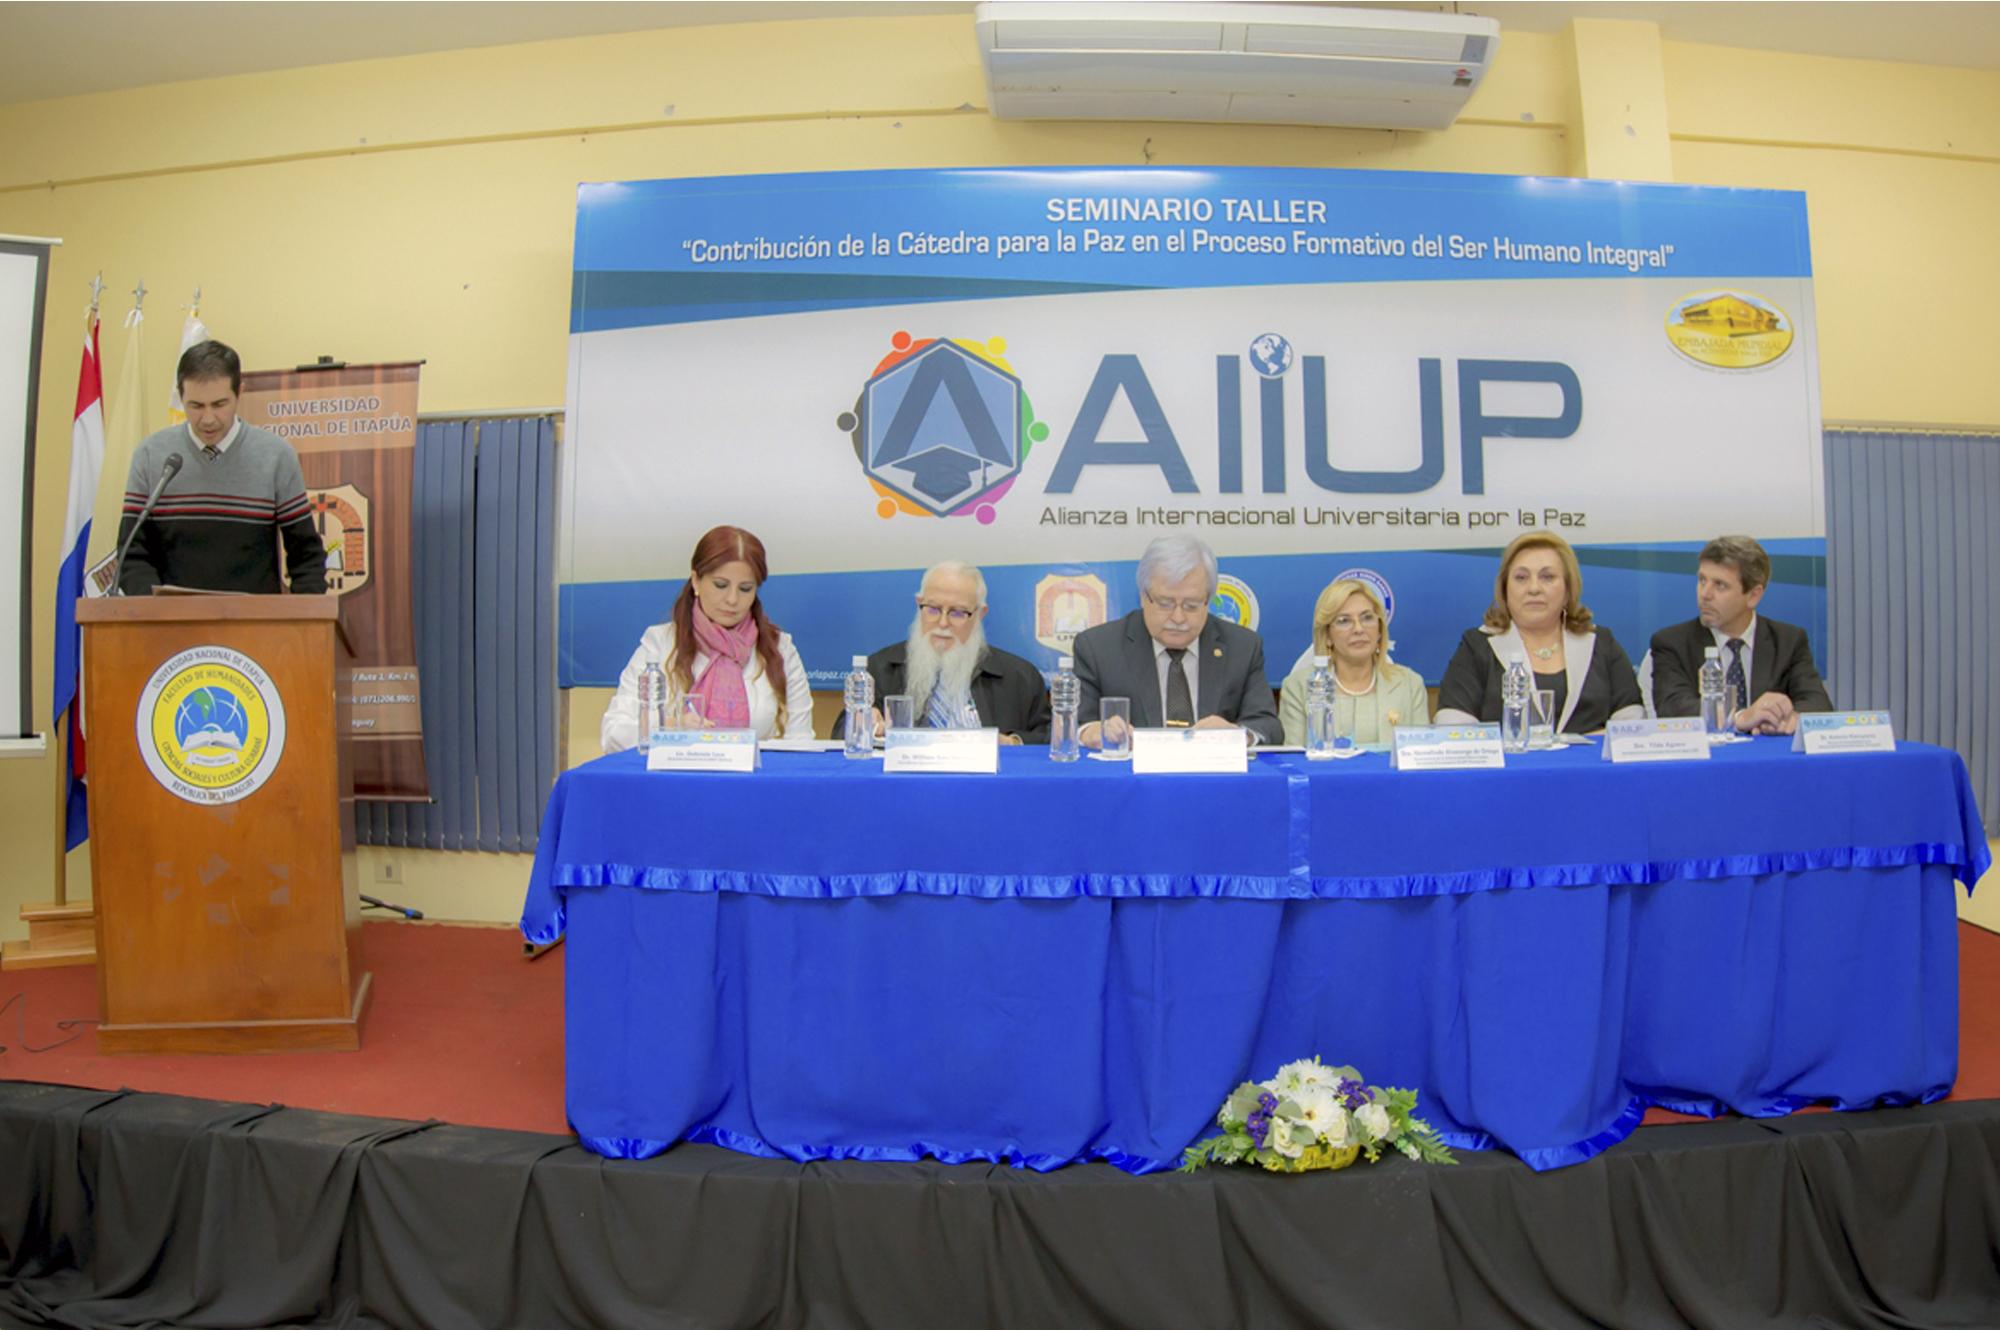 """CÁtedra Por La Paz: Primer Seminario Taller """"Contribución De La Cátedra"""